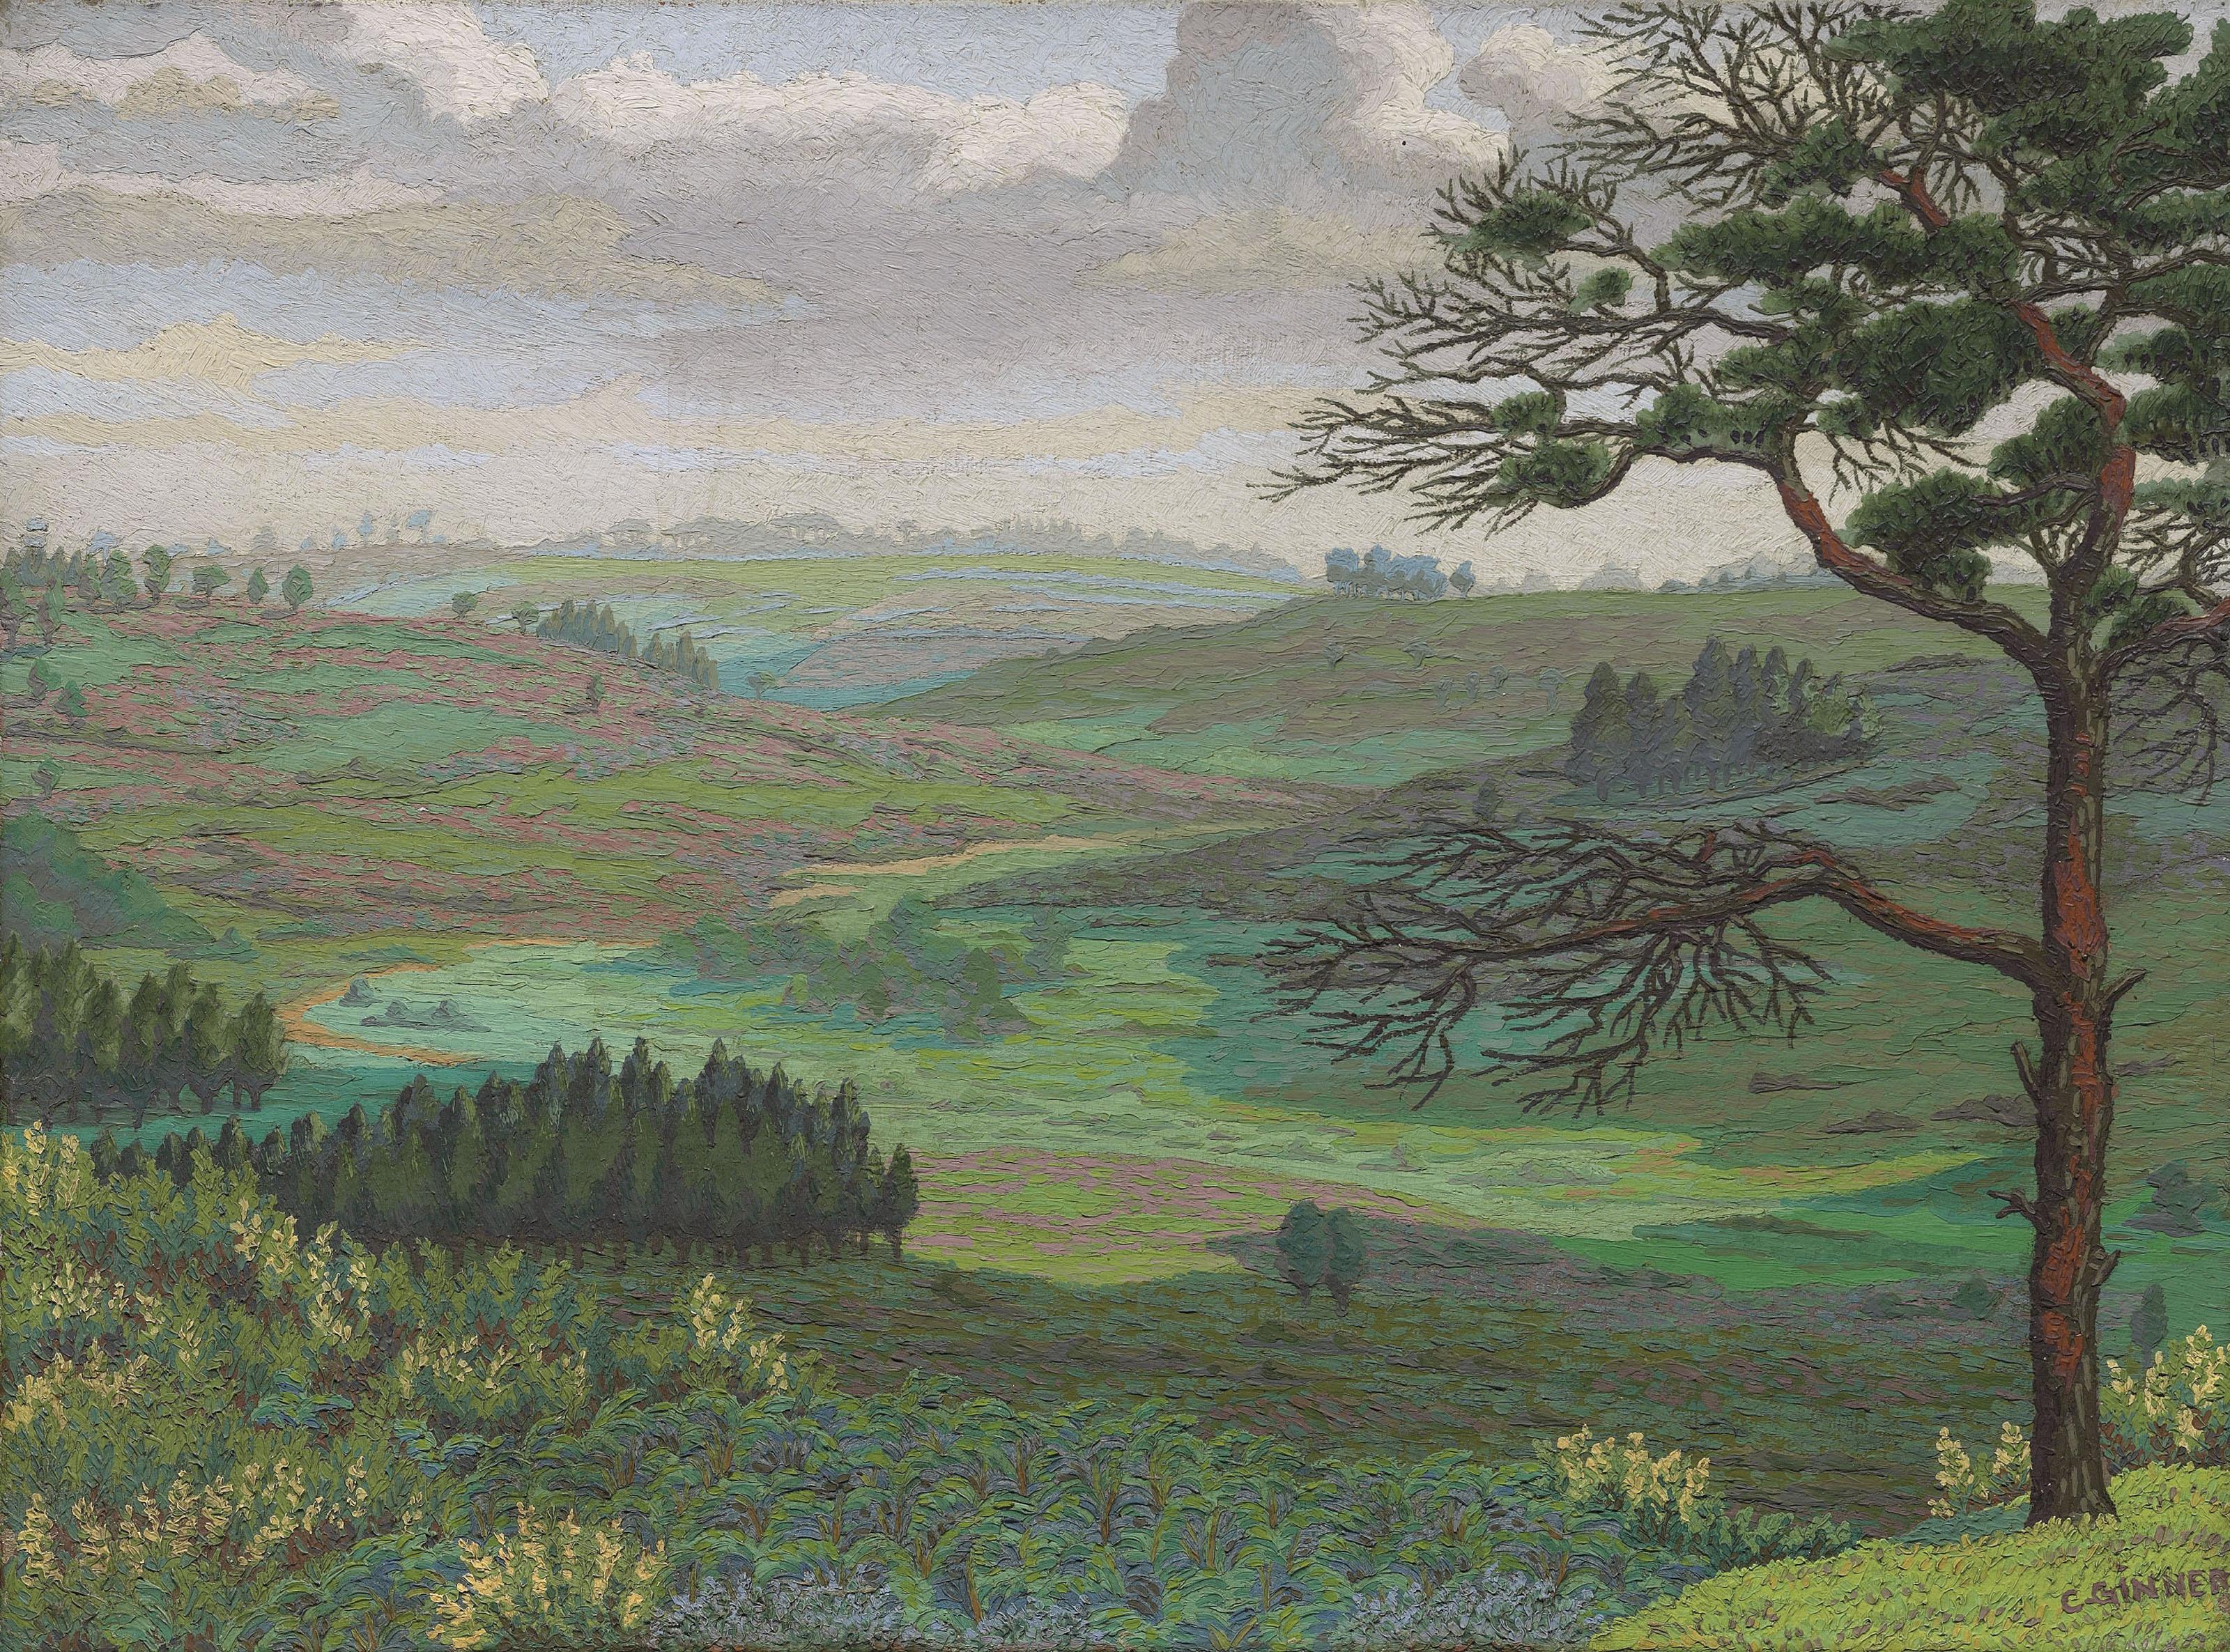 Charles Ginner, A.R.A. (1878-1